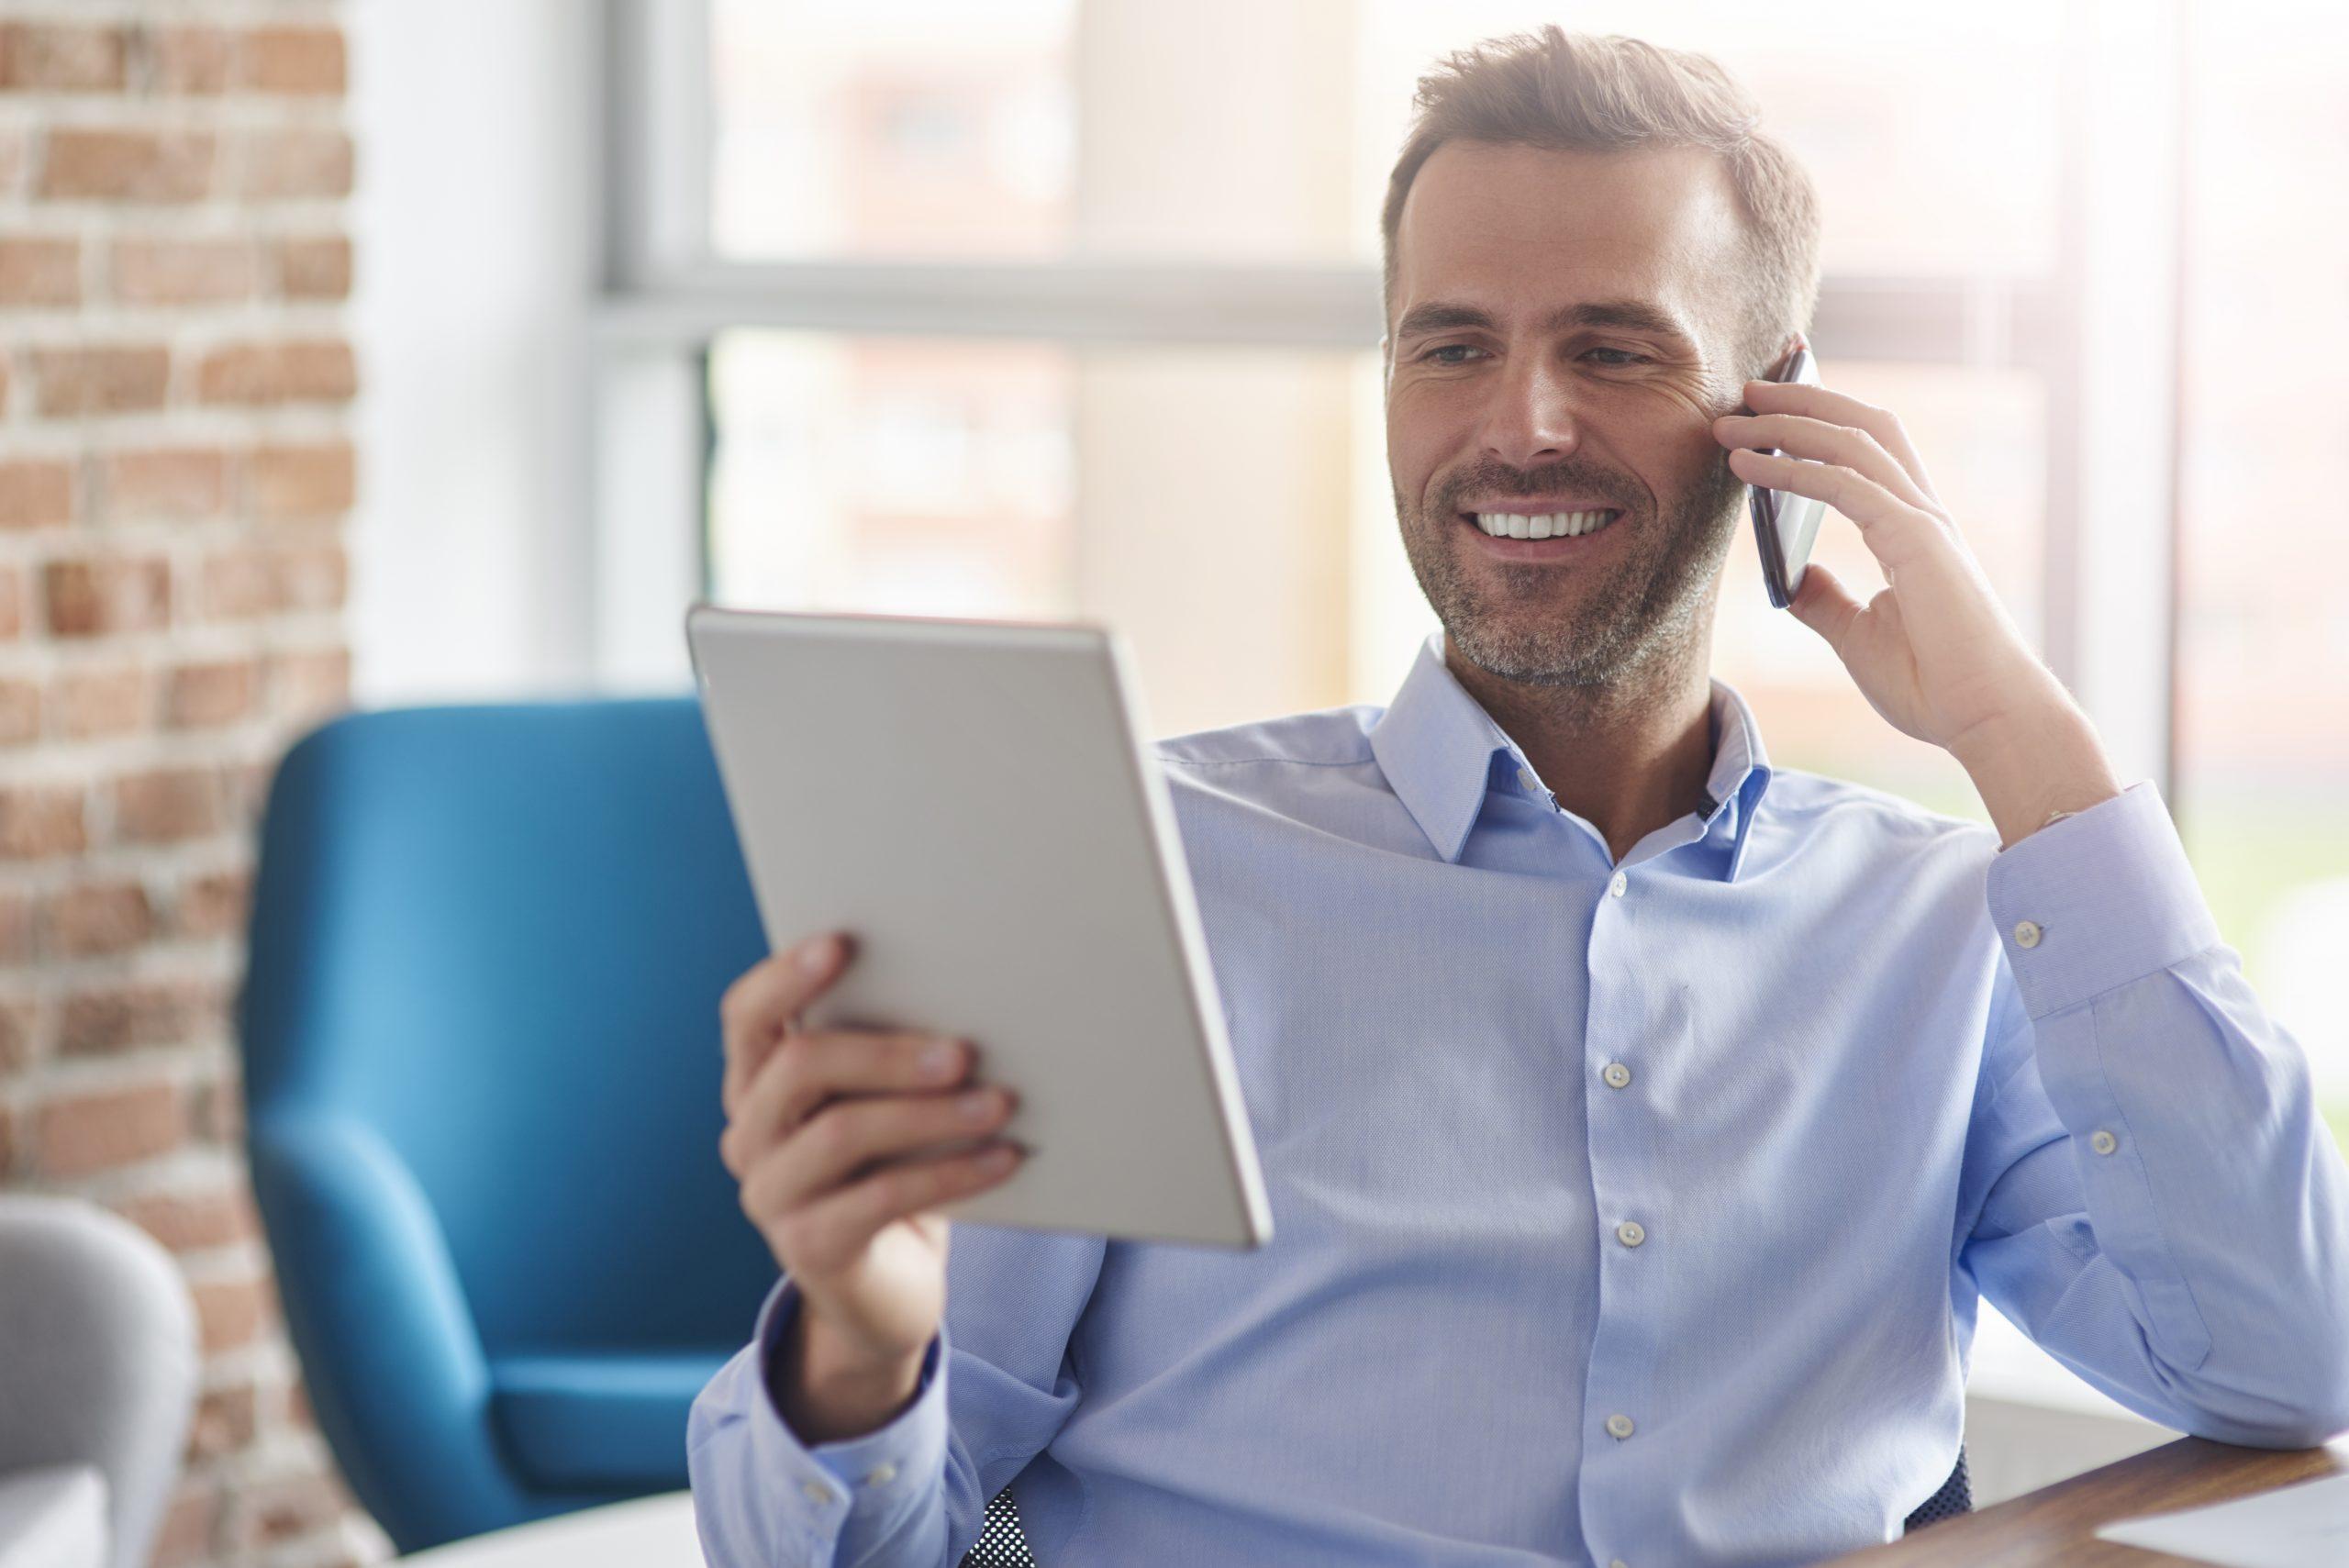 Governança Corporativa: 3 passos para vender consultoria especializada